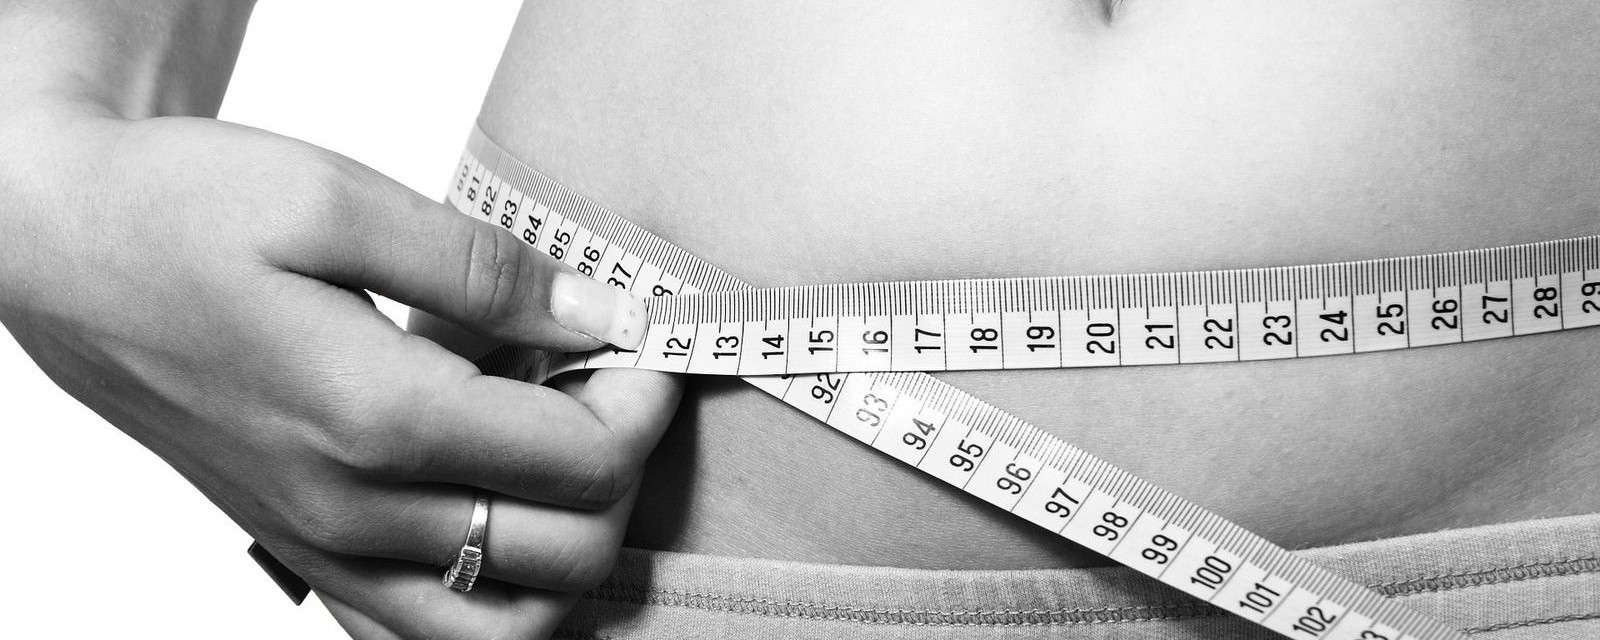 slăbește 7 kg în săptămână Pierdere în greutate de 53 de kilograme